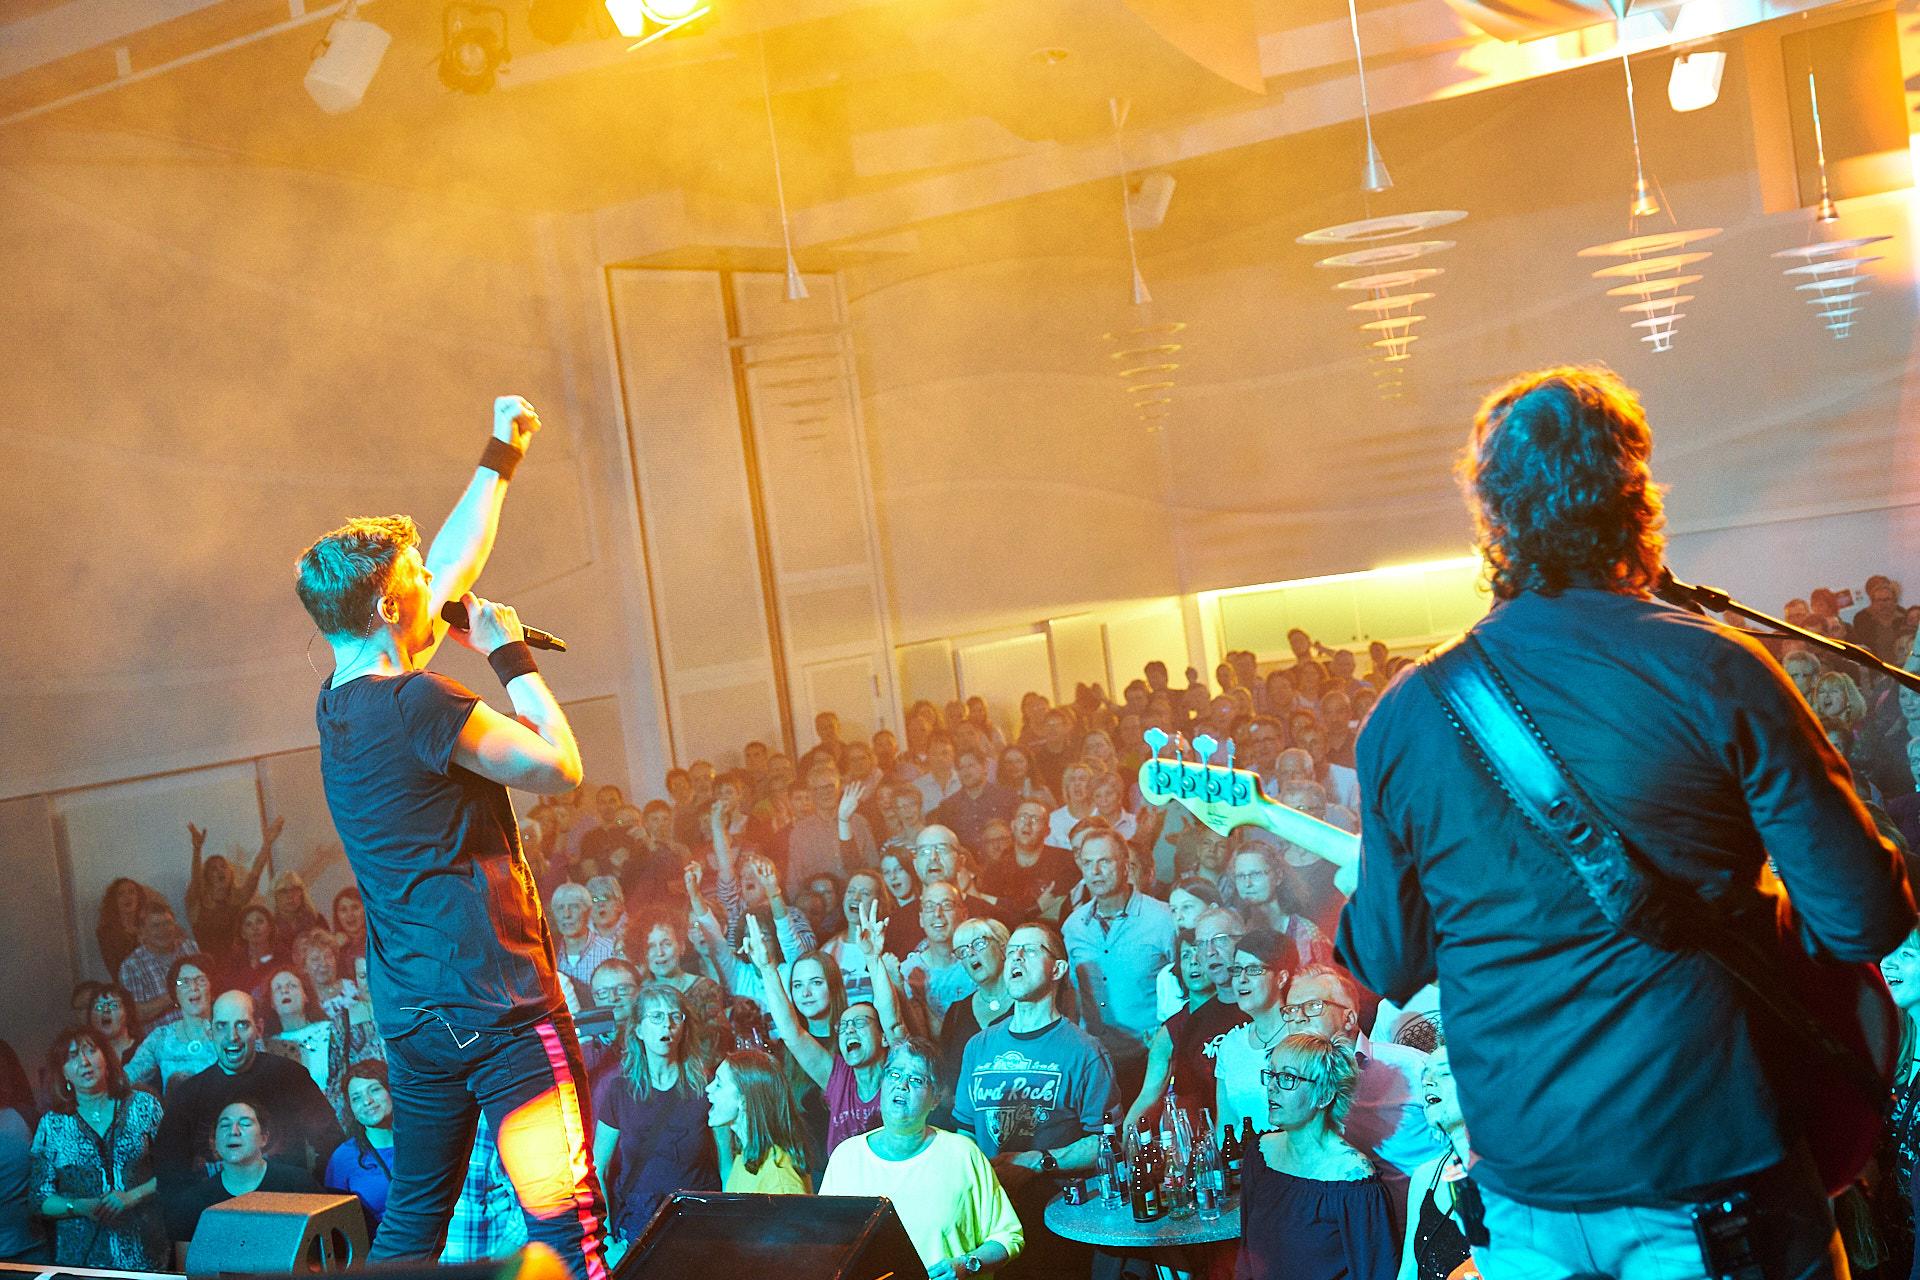 Am Samstag, den 30. März 2019 rockte WE ROCK QUEEN die Stadthalle in Boppard.